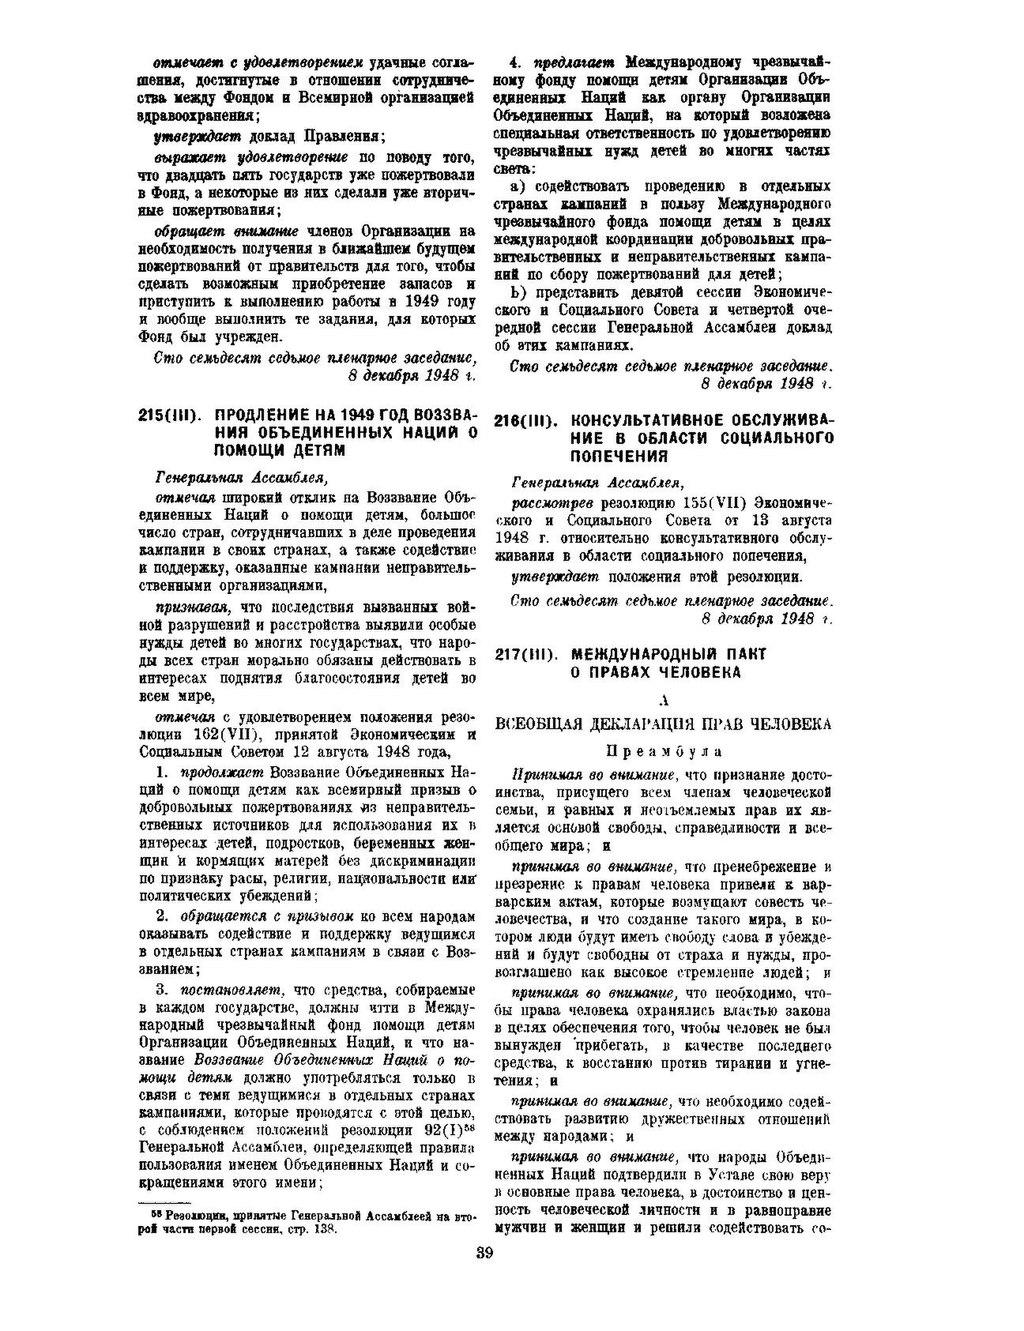 Доклад о социальных правах 412